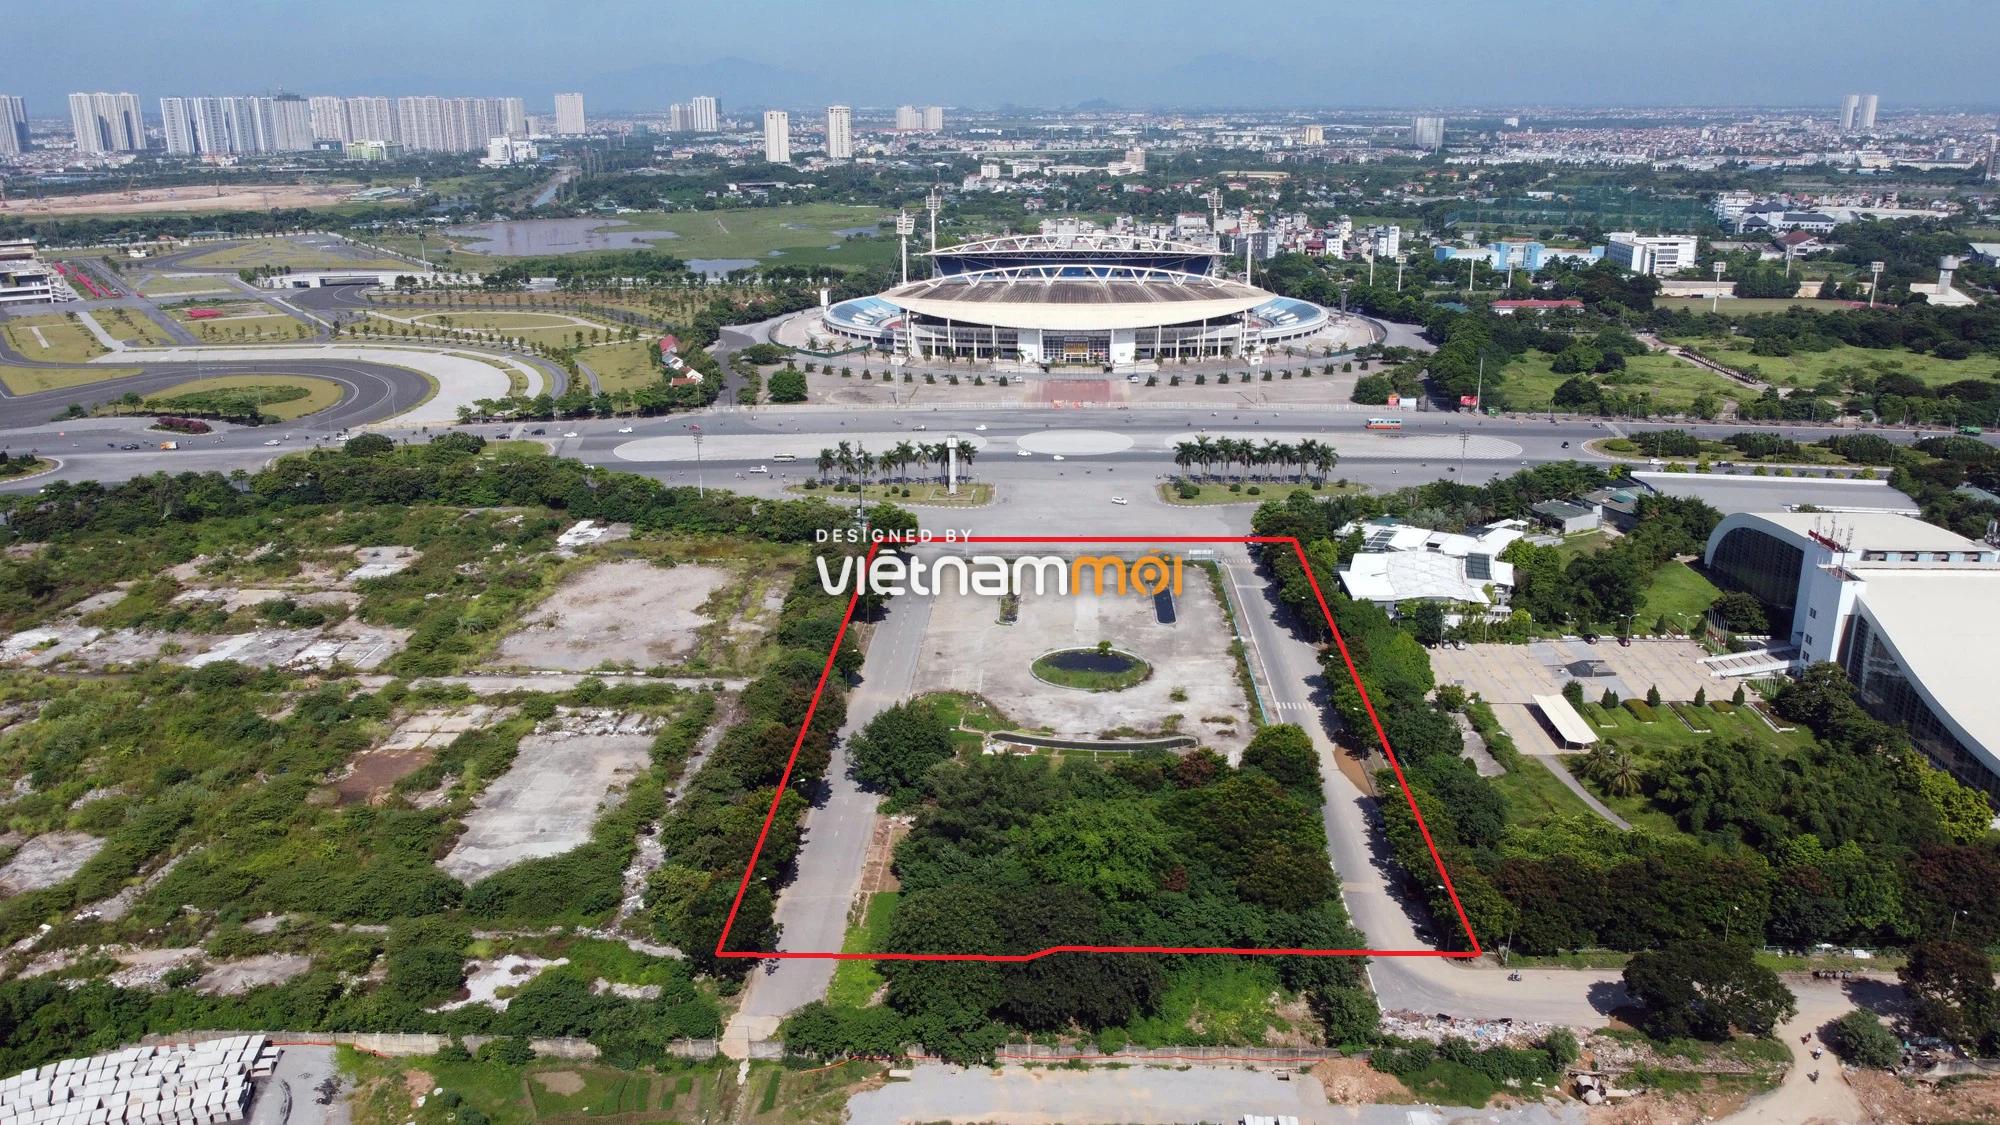 Những khu đất sắp thu hồi để mở đường ở phường Mỹ Đình 1, Nam Từ Liêm, Hà Nội (phần 1) - Ảnh 3.